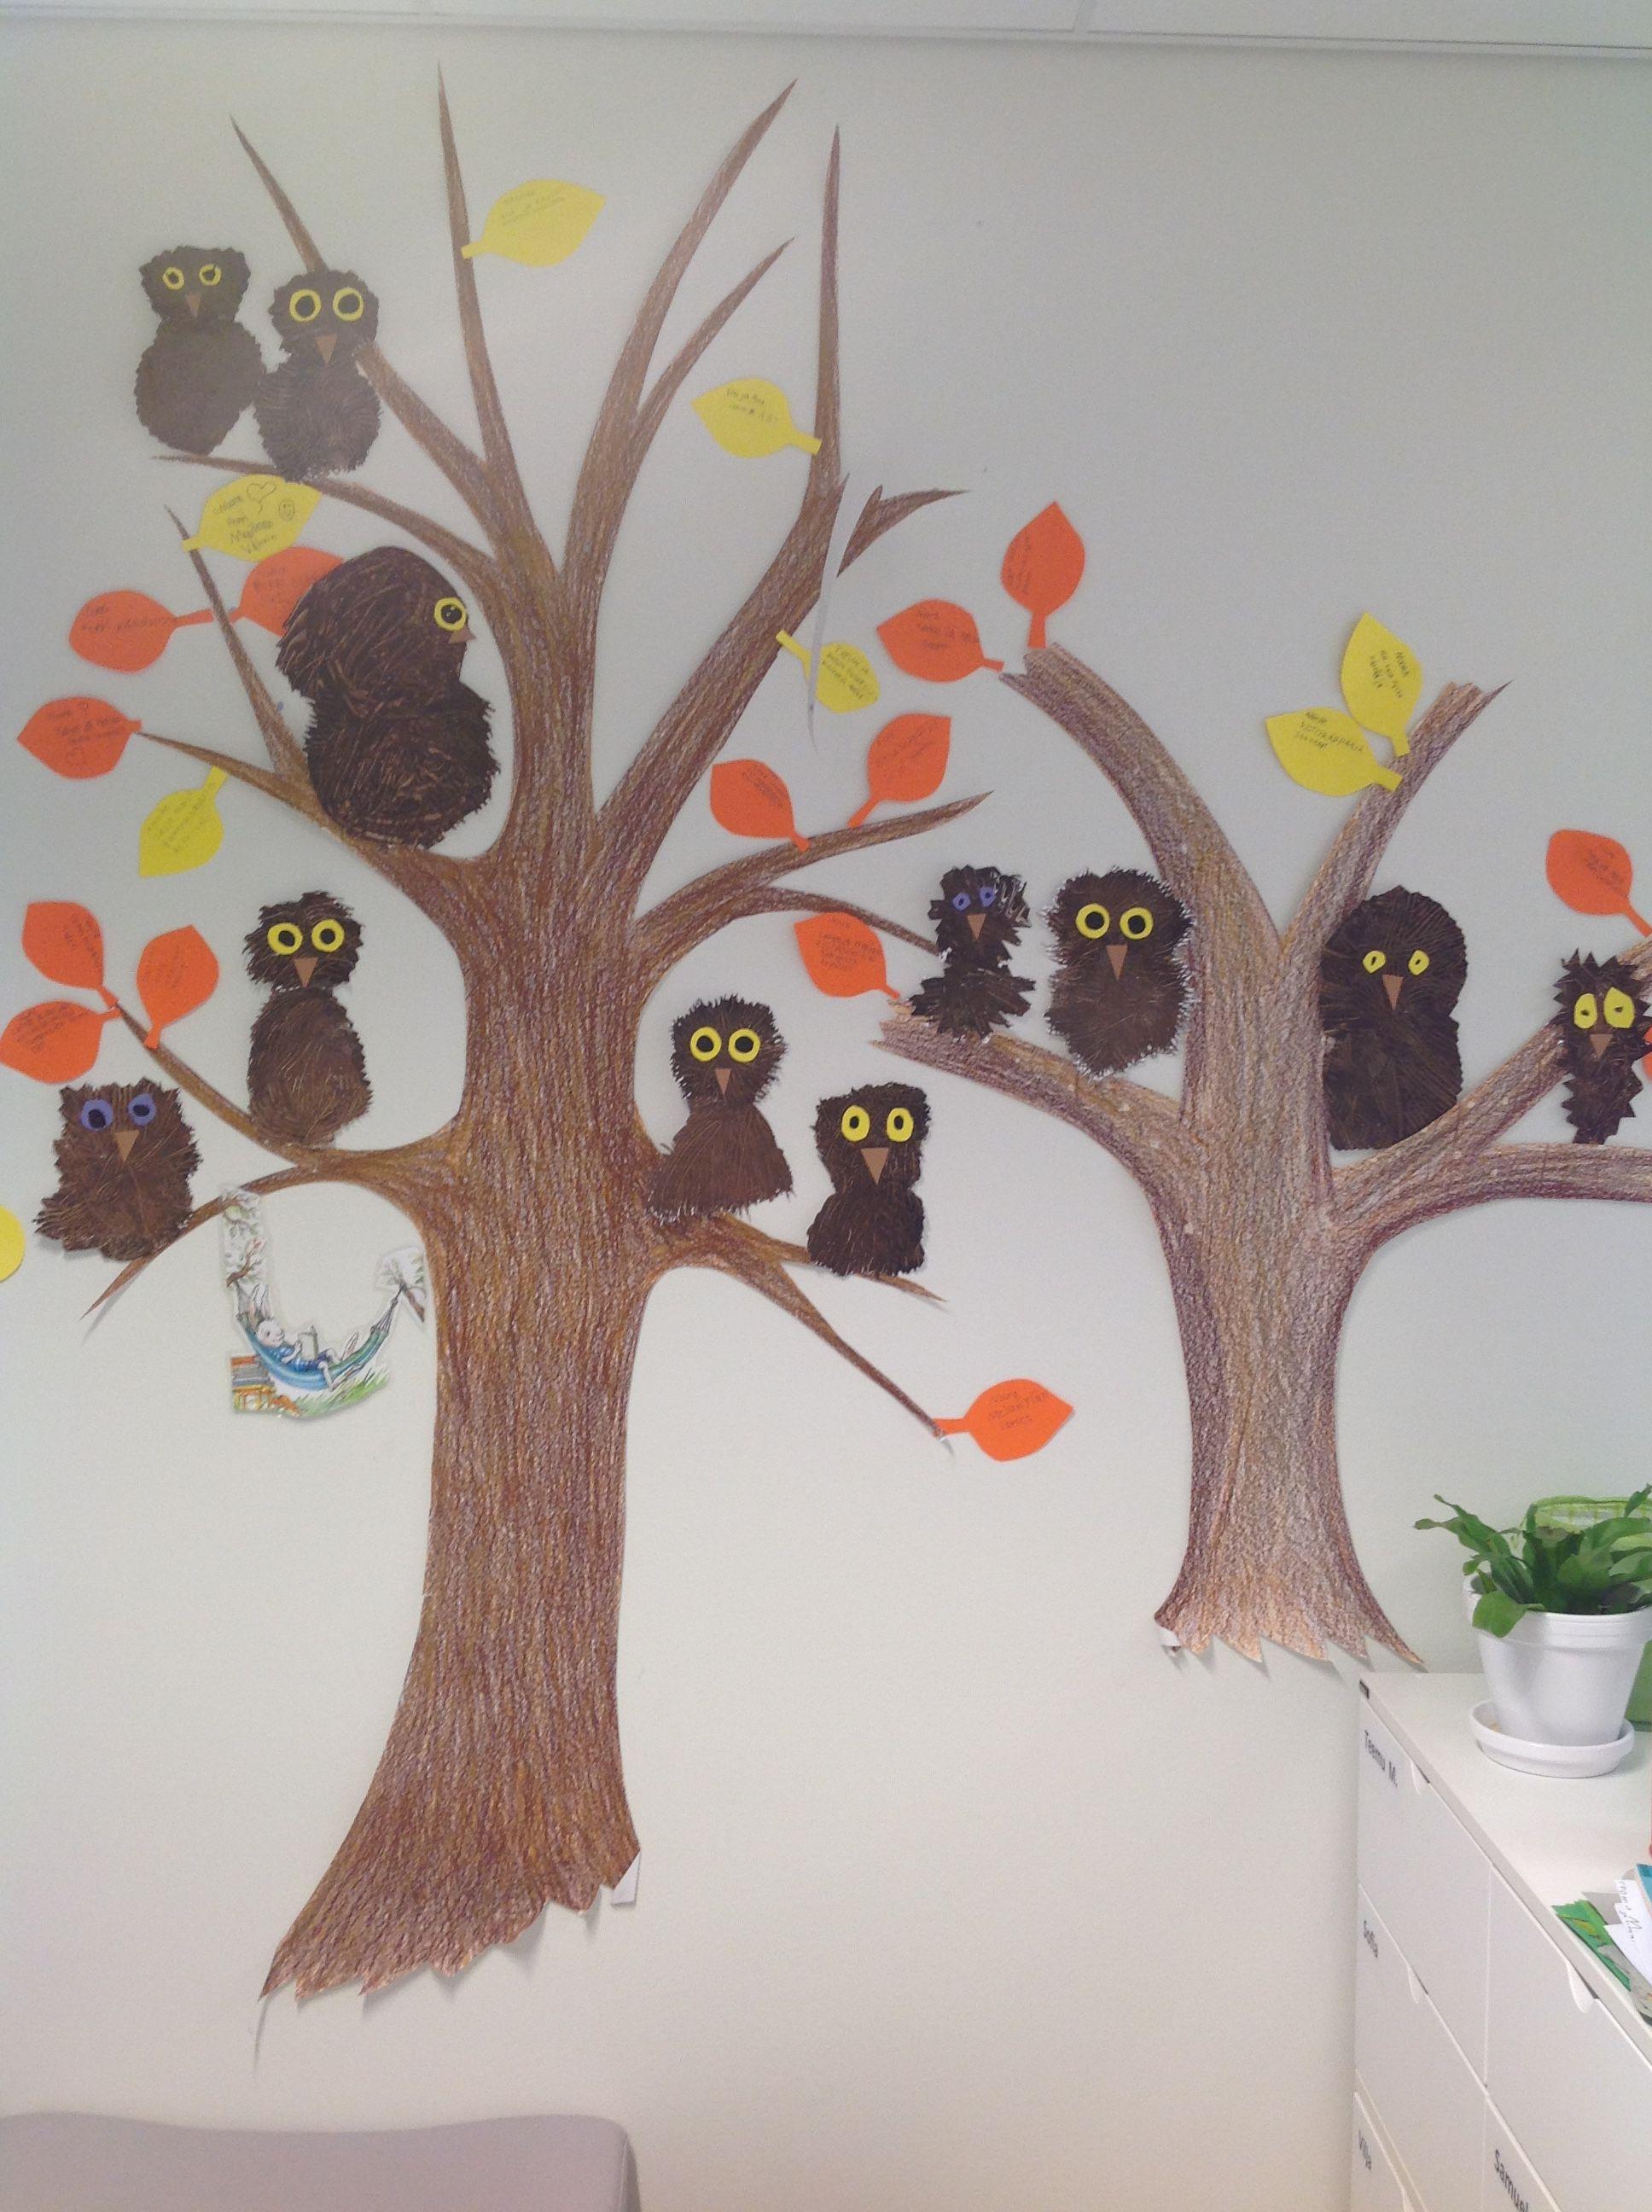 Syksyinen puu ja pöllöt haarukkamaalauksella 2.lk